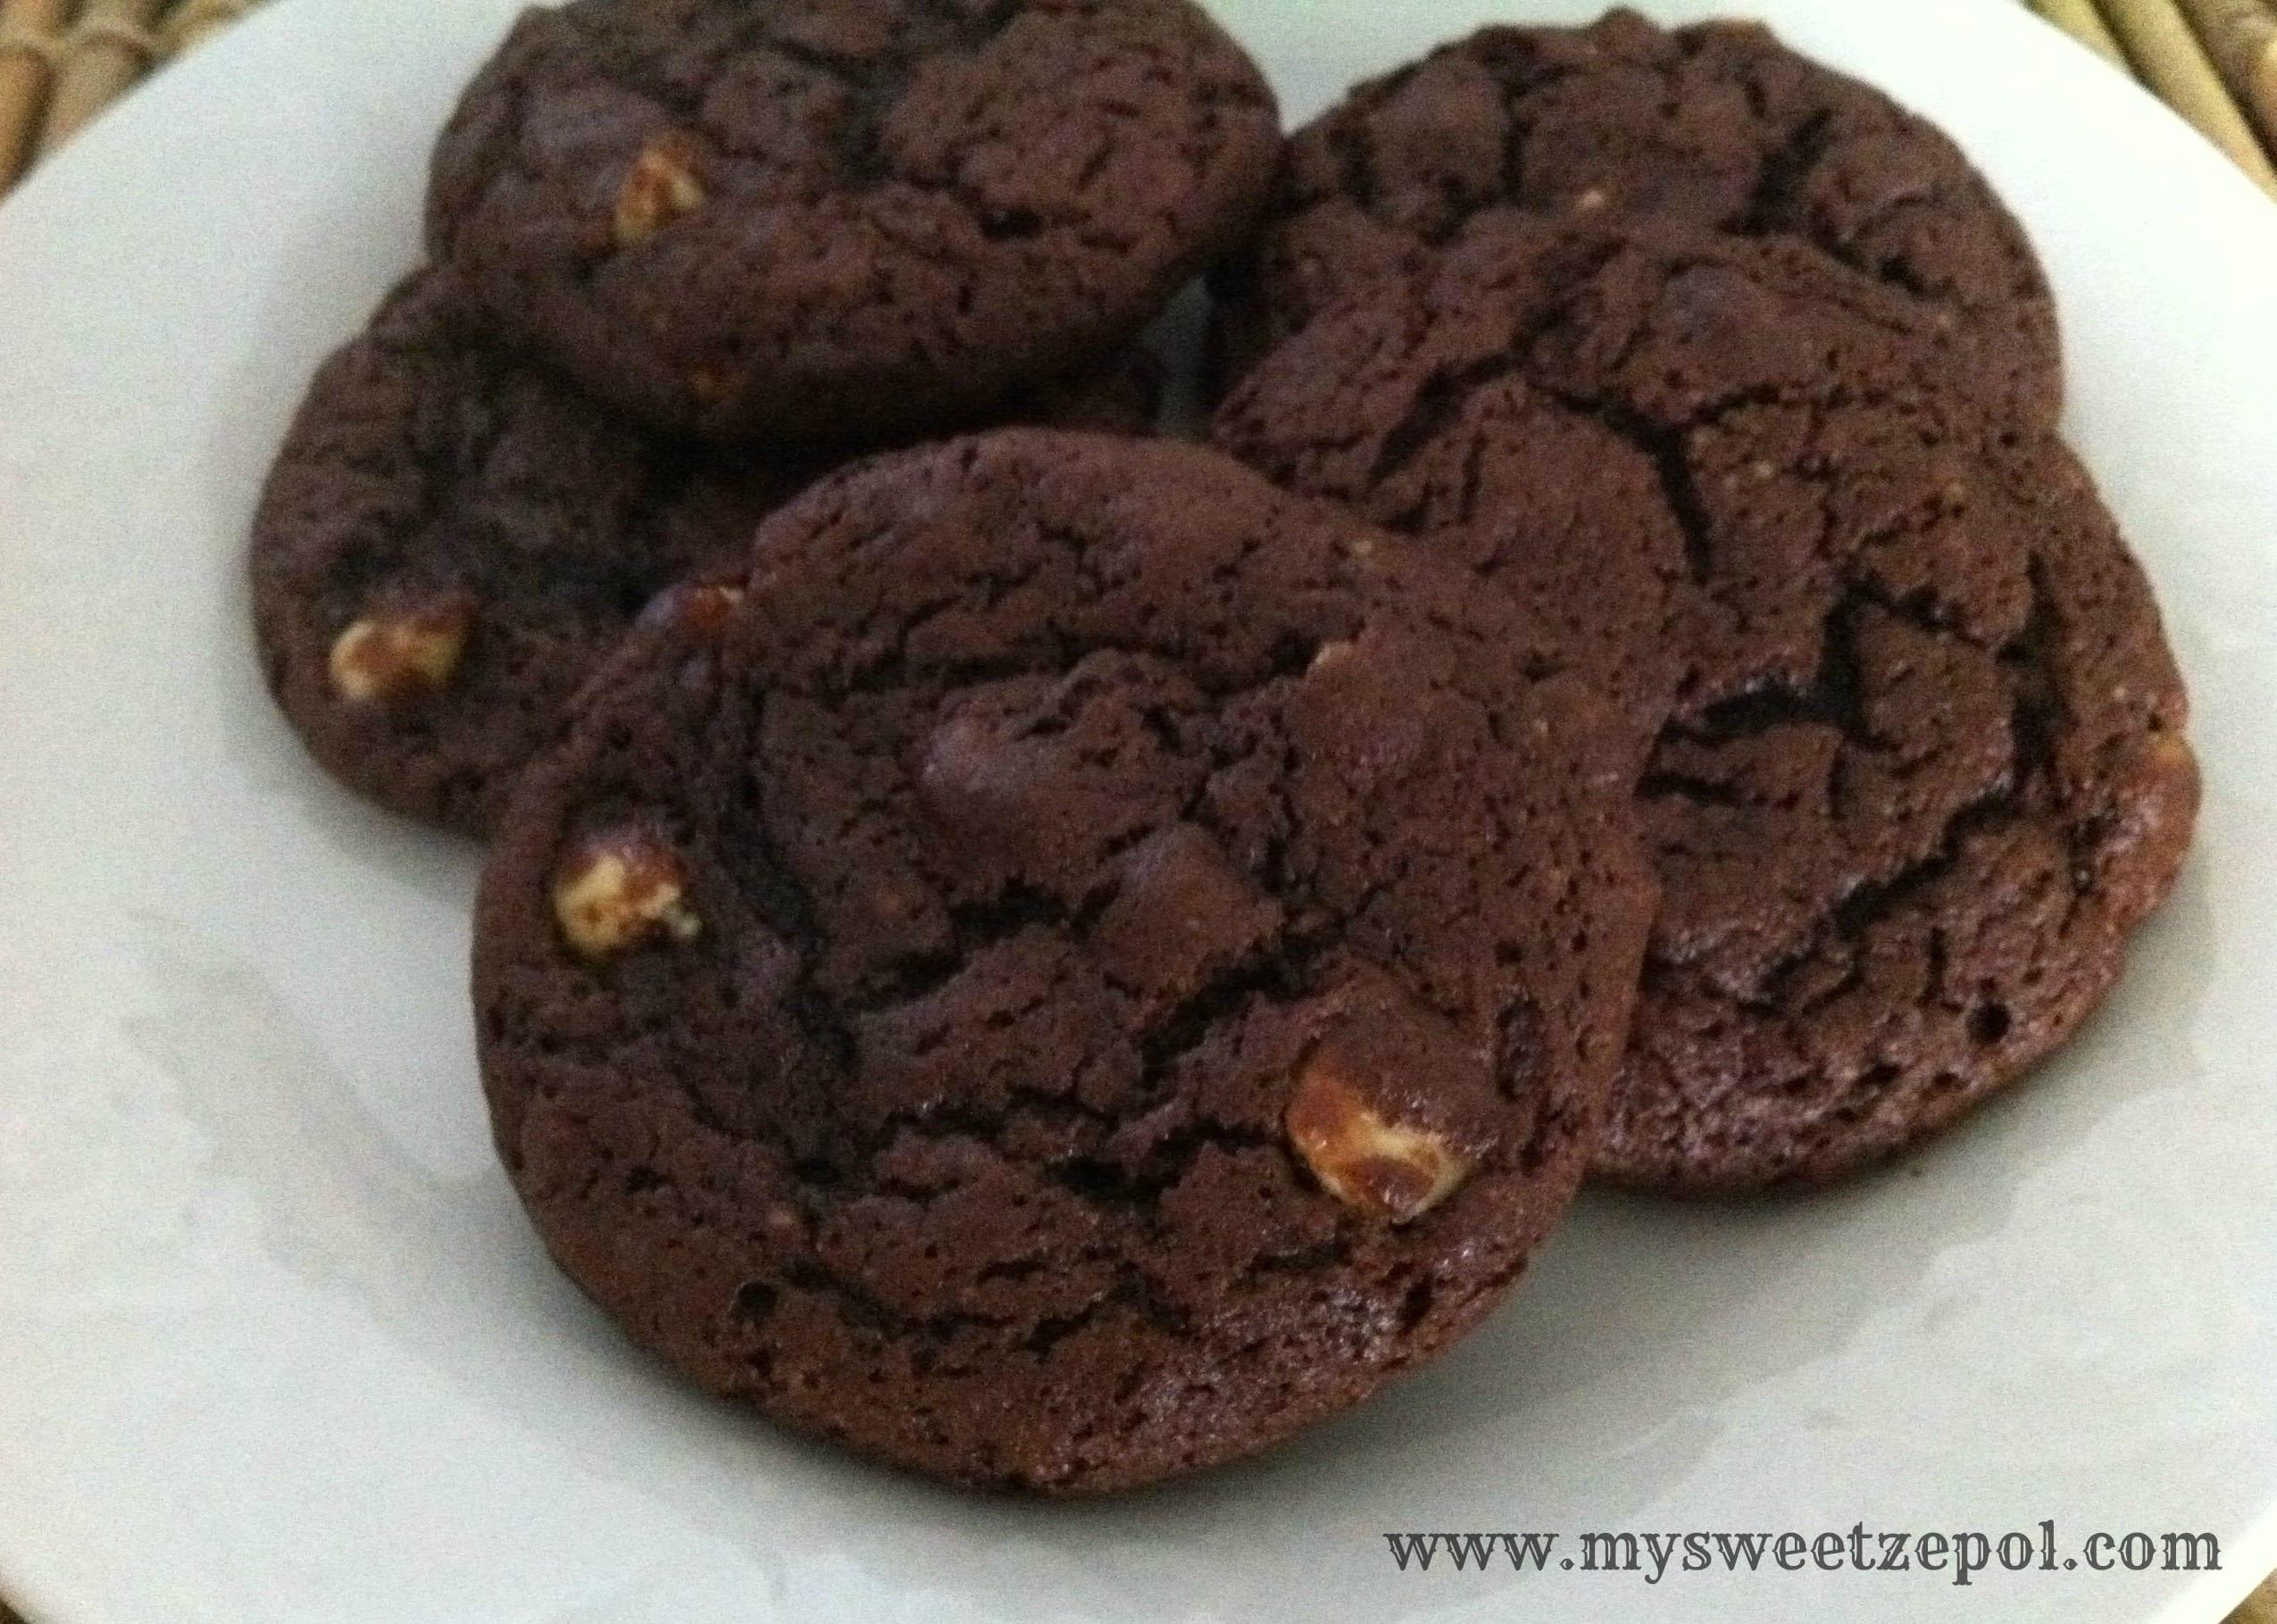 31-Days-of-Cookies-Triple-Chocolate-Cookies-mysweetzepol